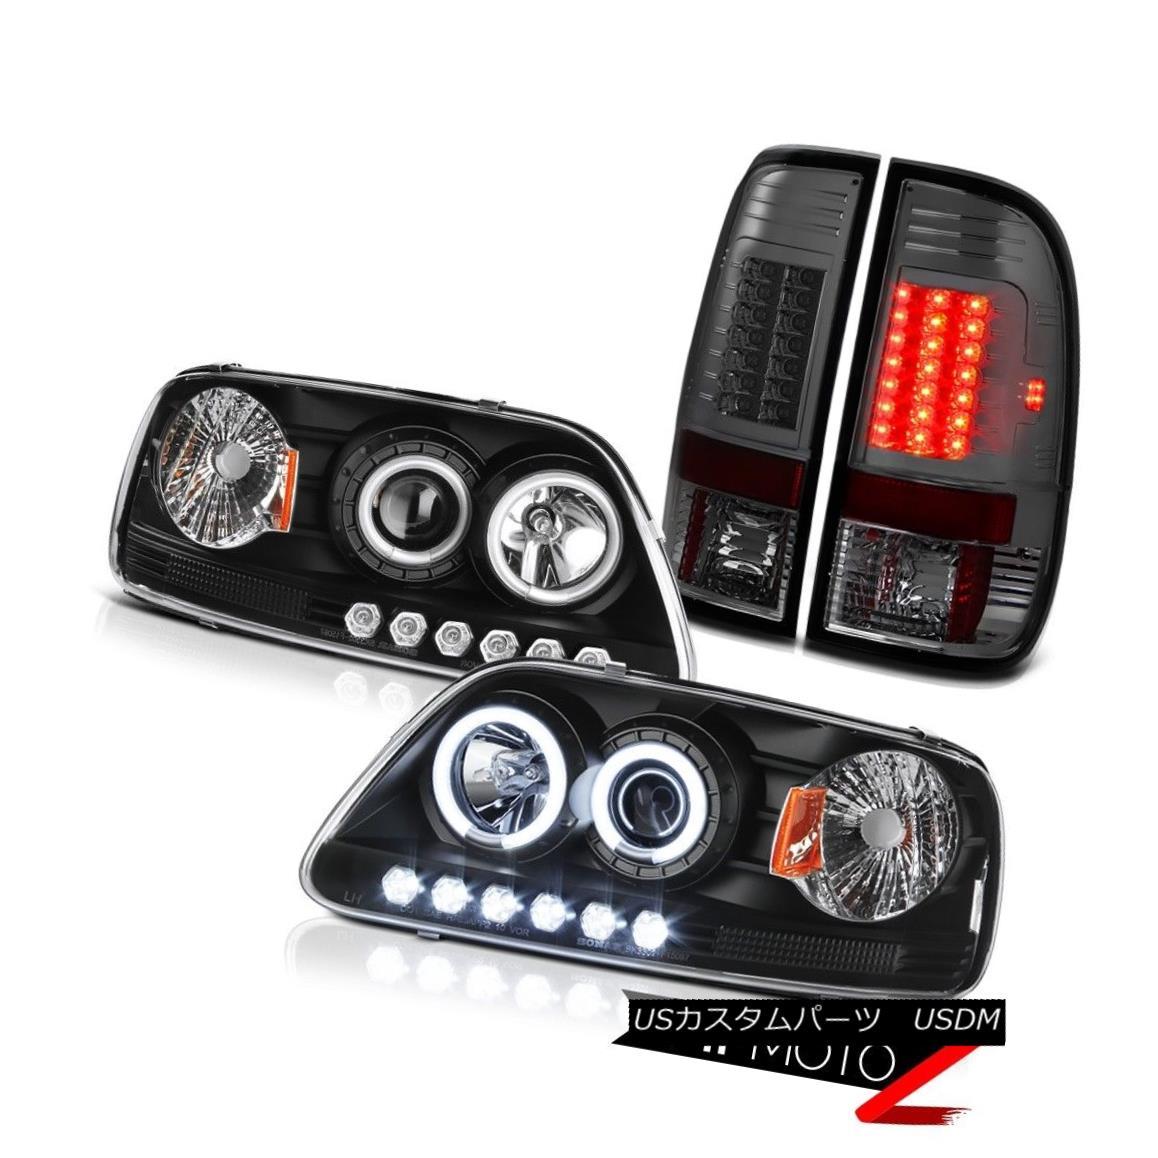 ヘッドライト F150 4.6L 2001 2002 03 Black CCFL Angel Eye Headlamp Smoke Rear Brake Tail Light F150 4.6L 2001 2002 03ブラックCCFLエンジェルアイヘッドランプスモークリアブレーキテールライト